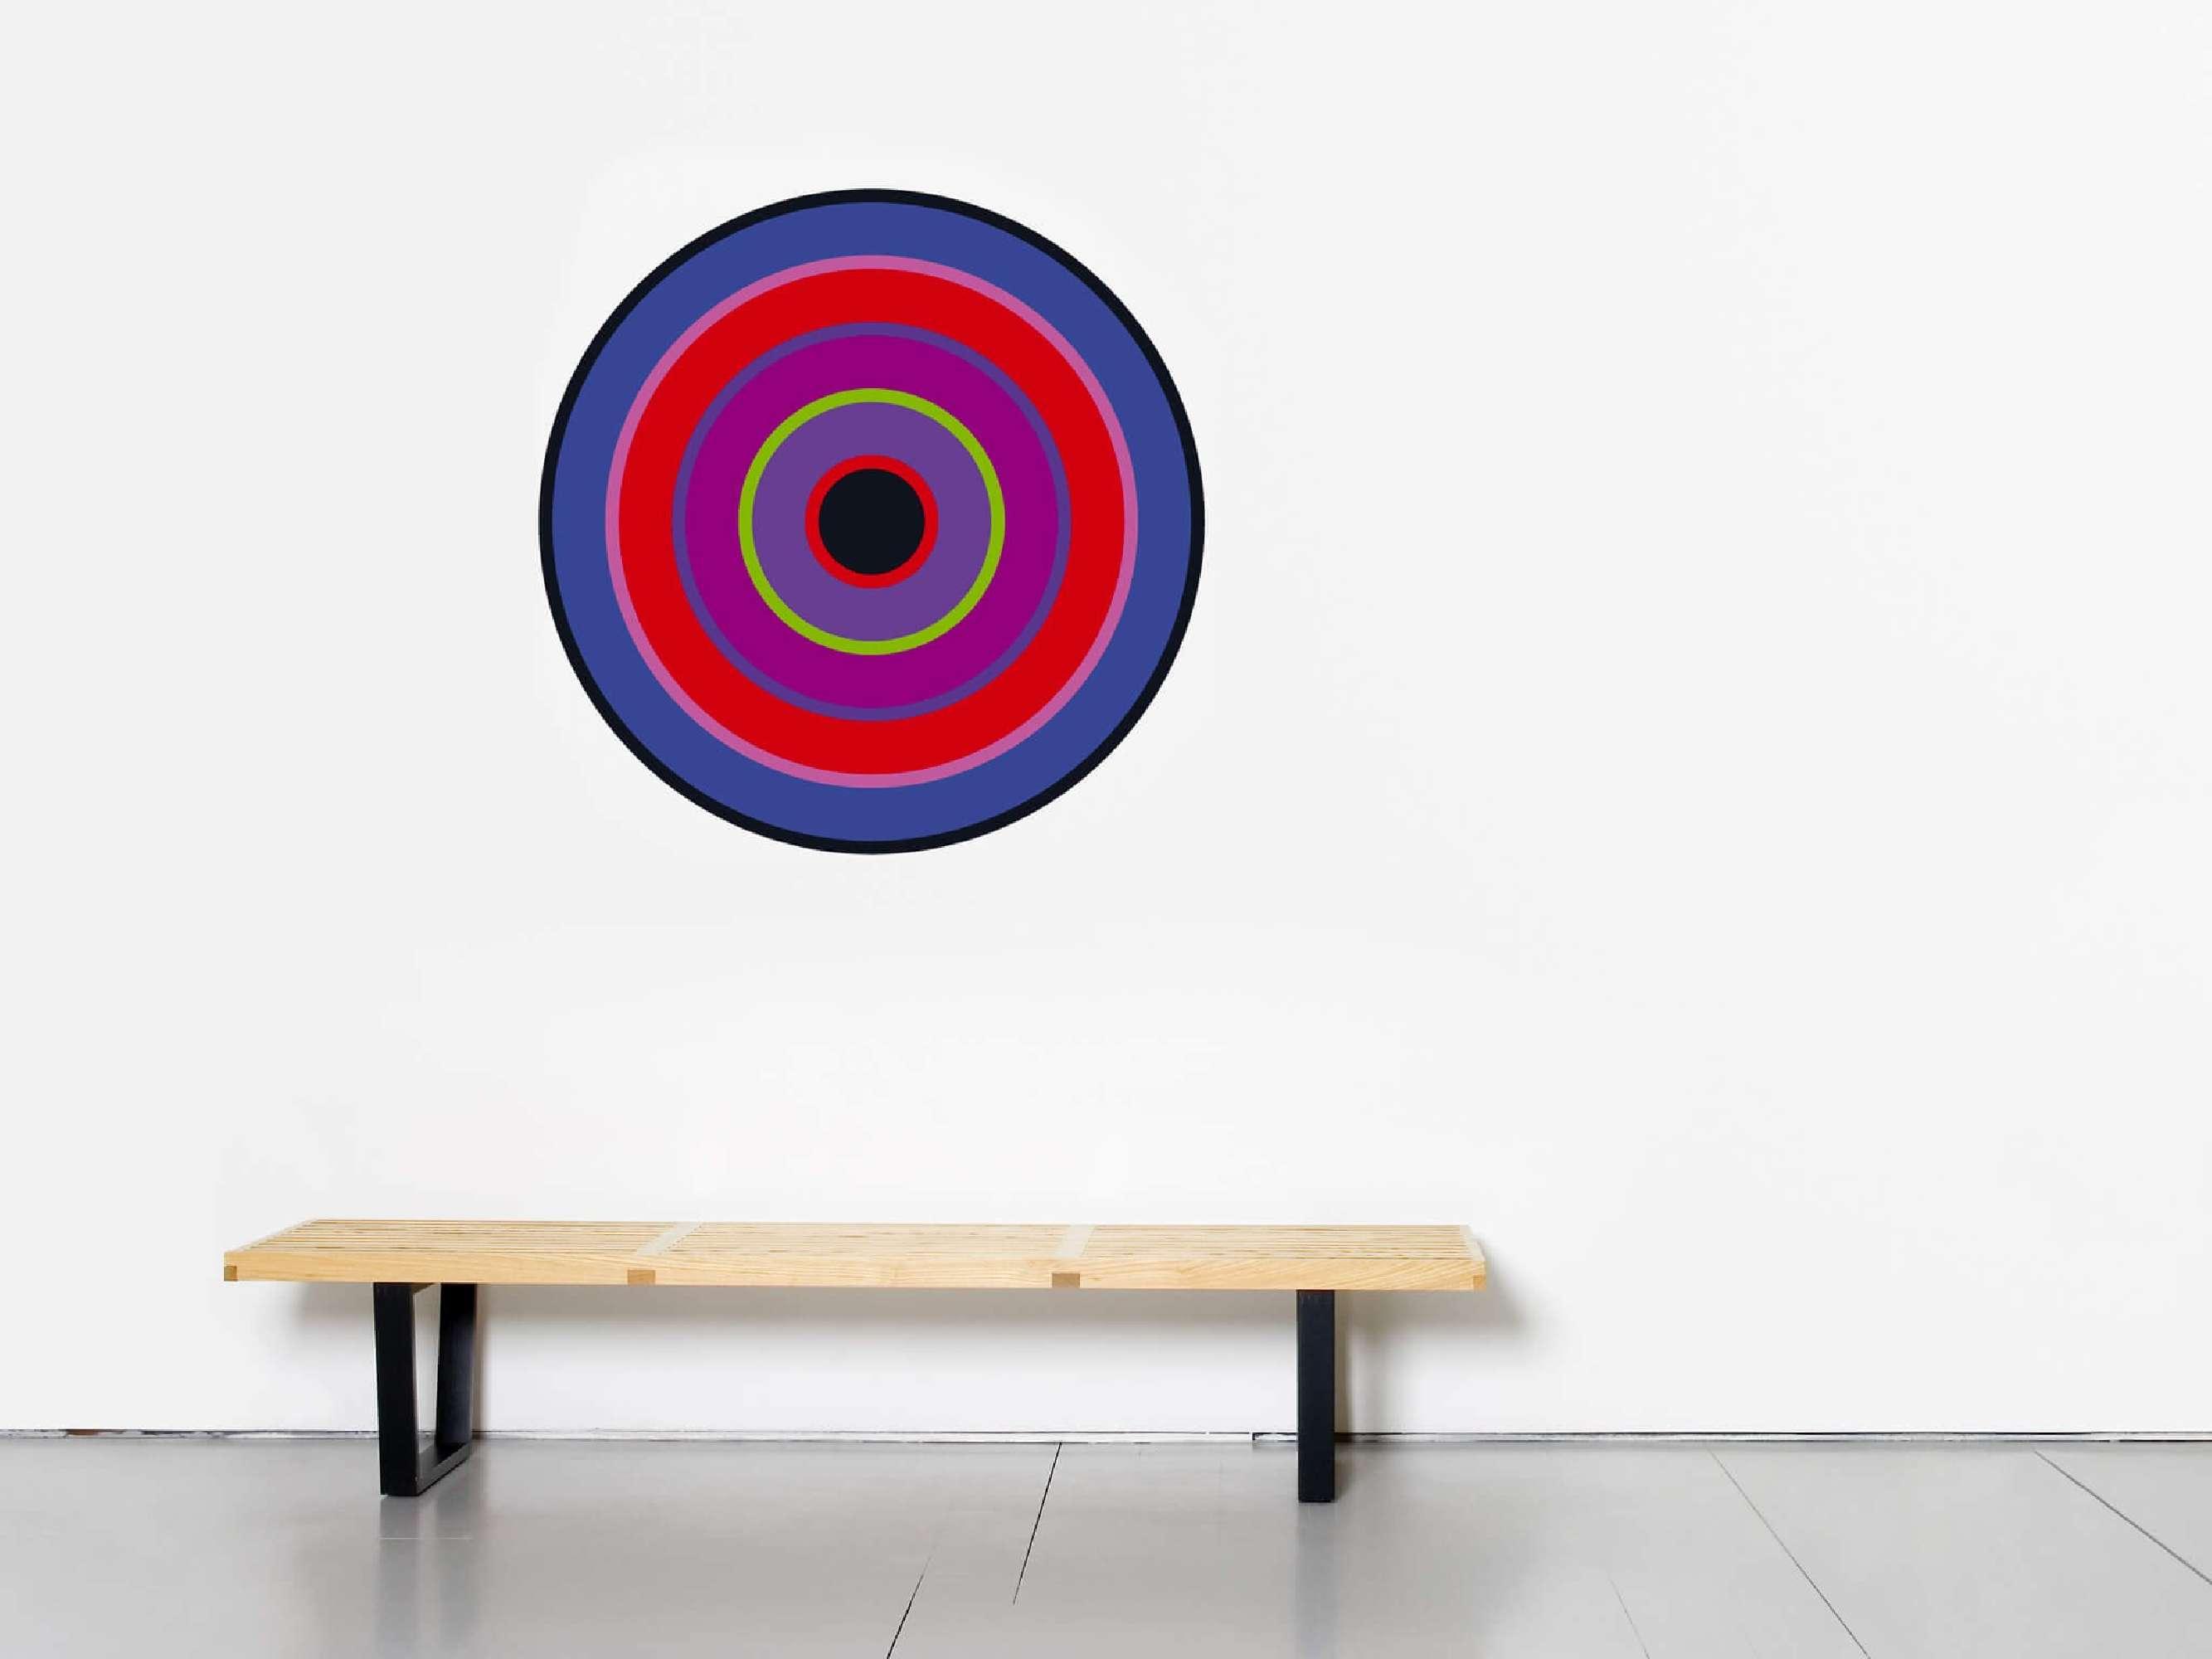 un sticker mural design en forme de cible pour donner une touche de couleur a un intérieur